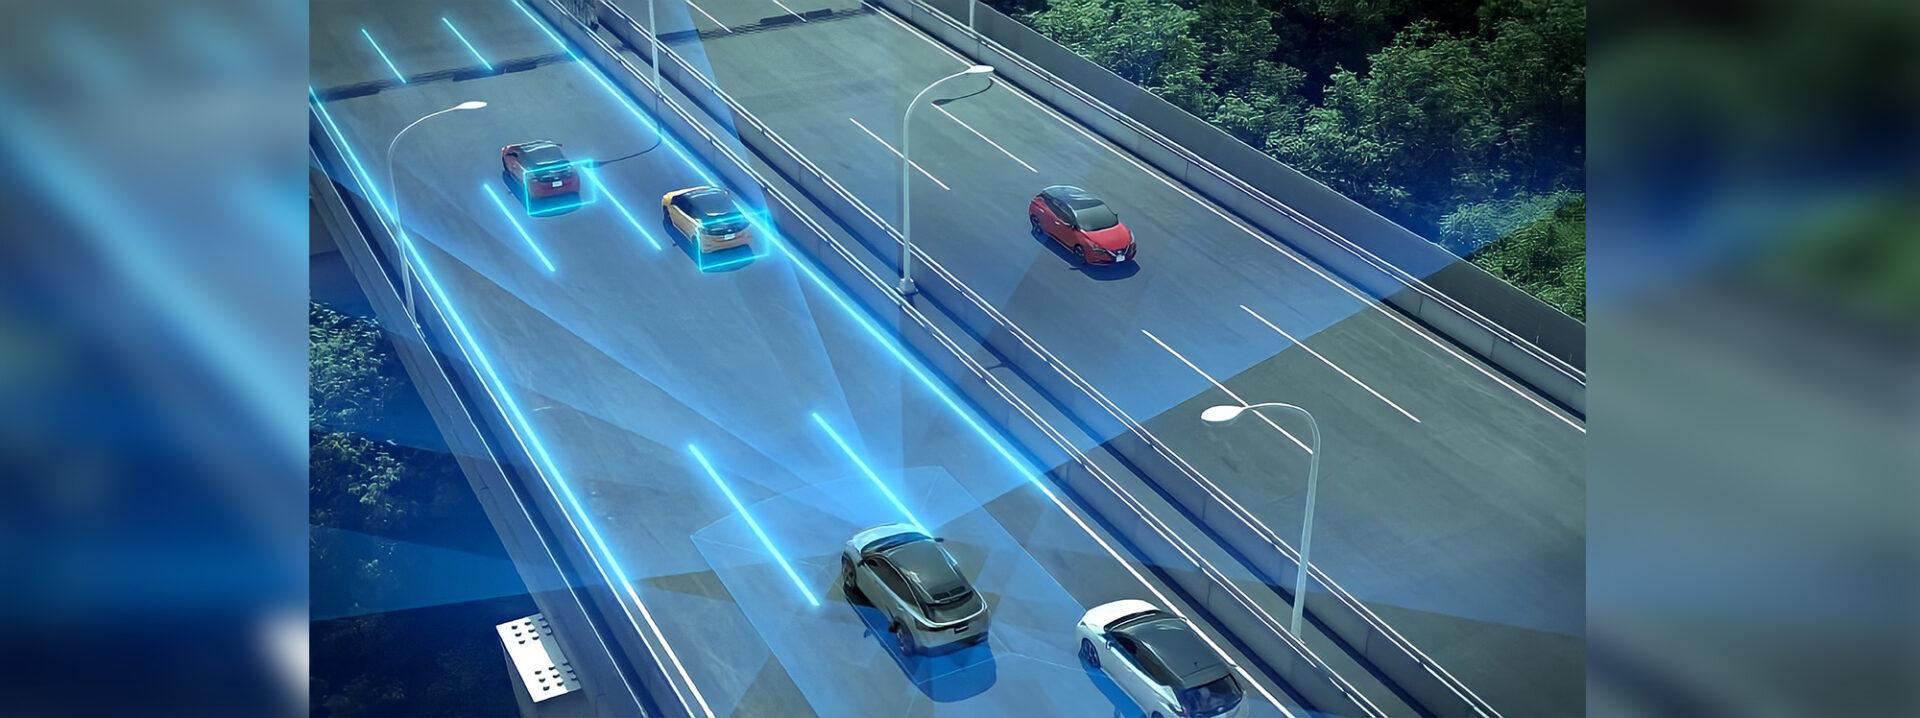 Nissan implementa tecnologías para una movilidad inteligente y segura